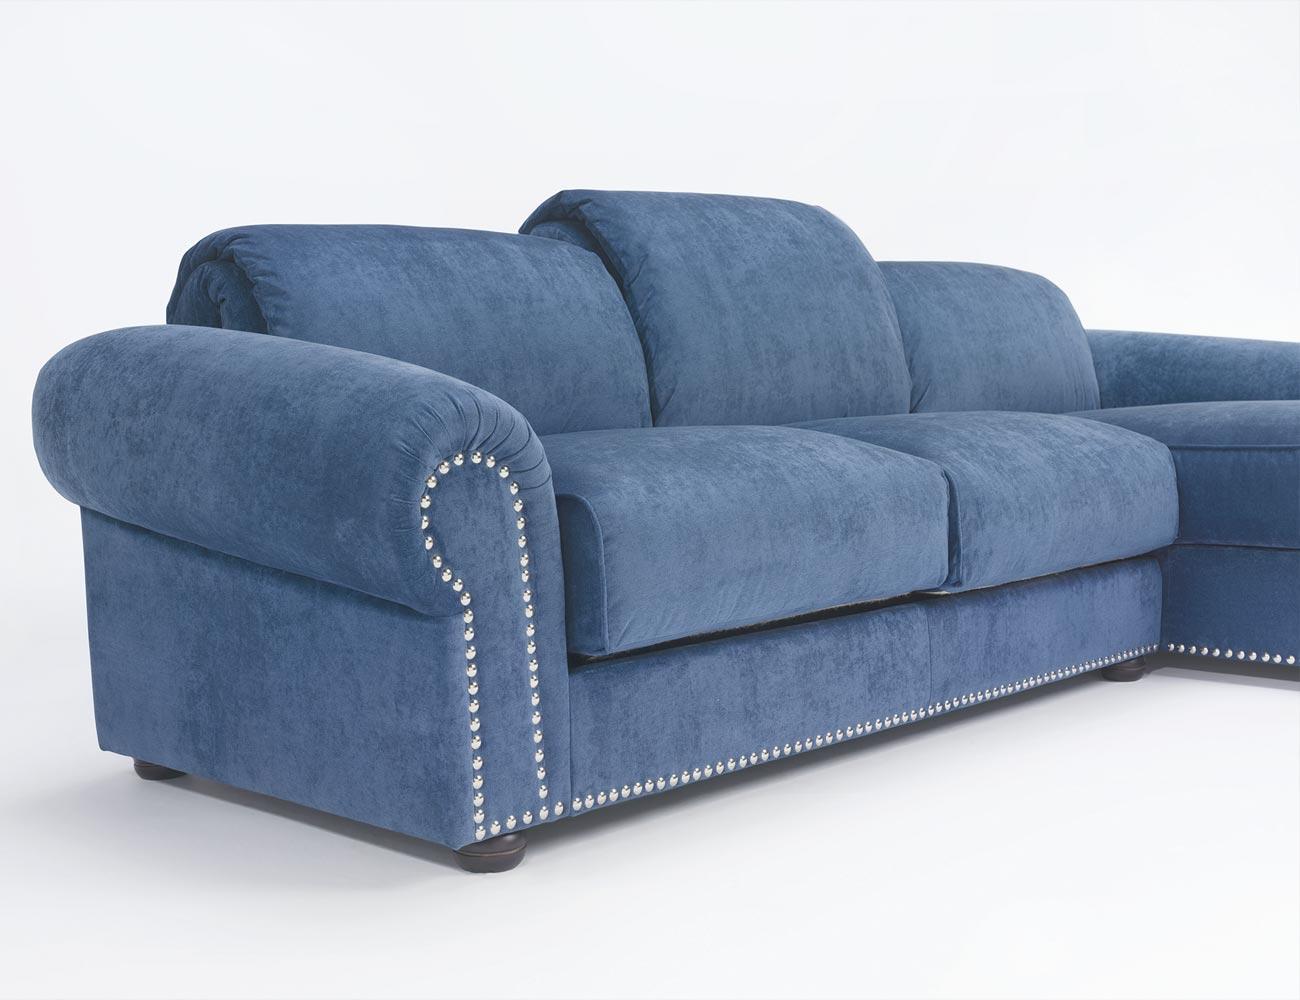 Sofa chaiselongue gran lujo decorativo azul 18